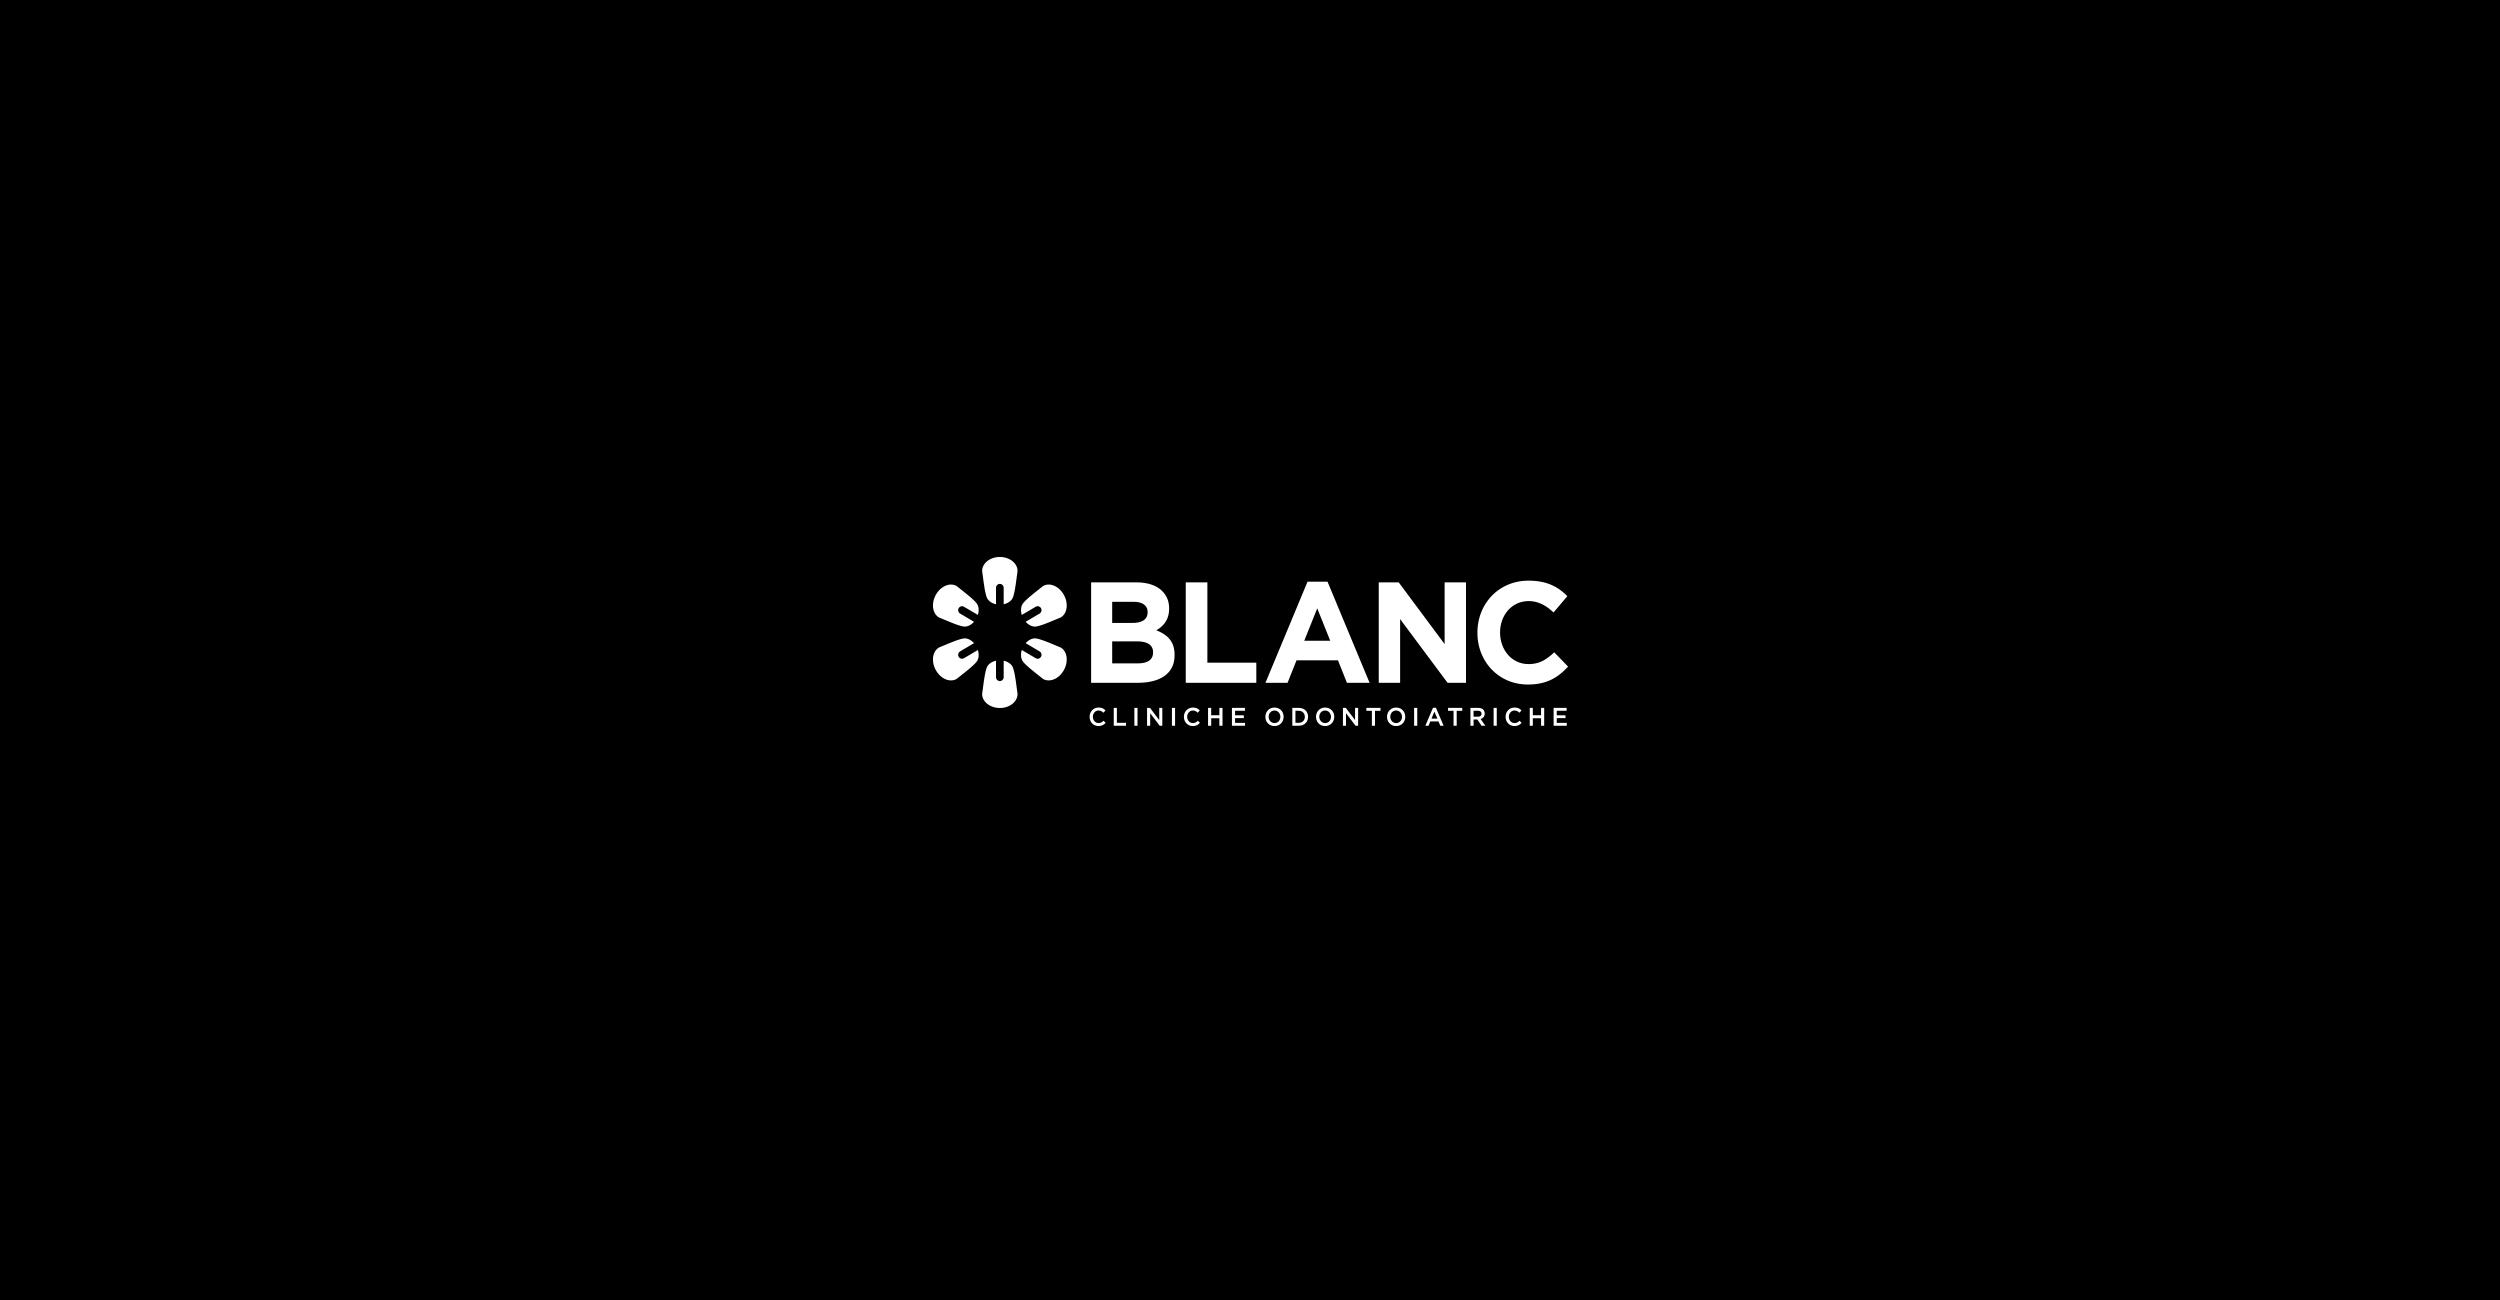 KD_LOGOS_2019_blanc